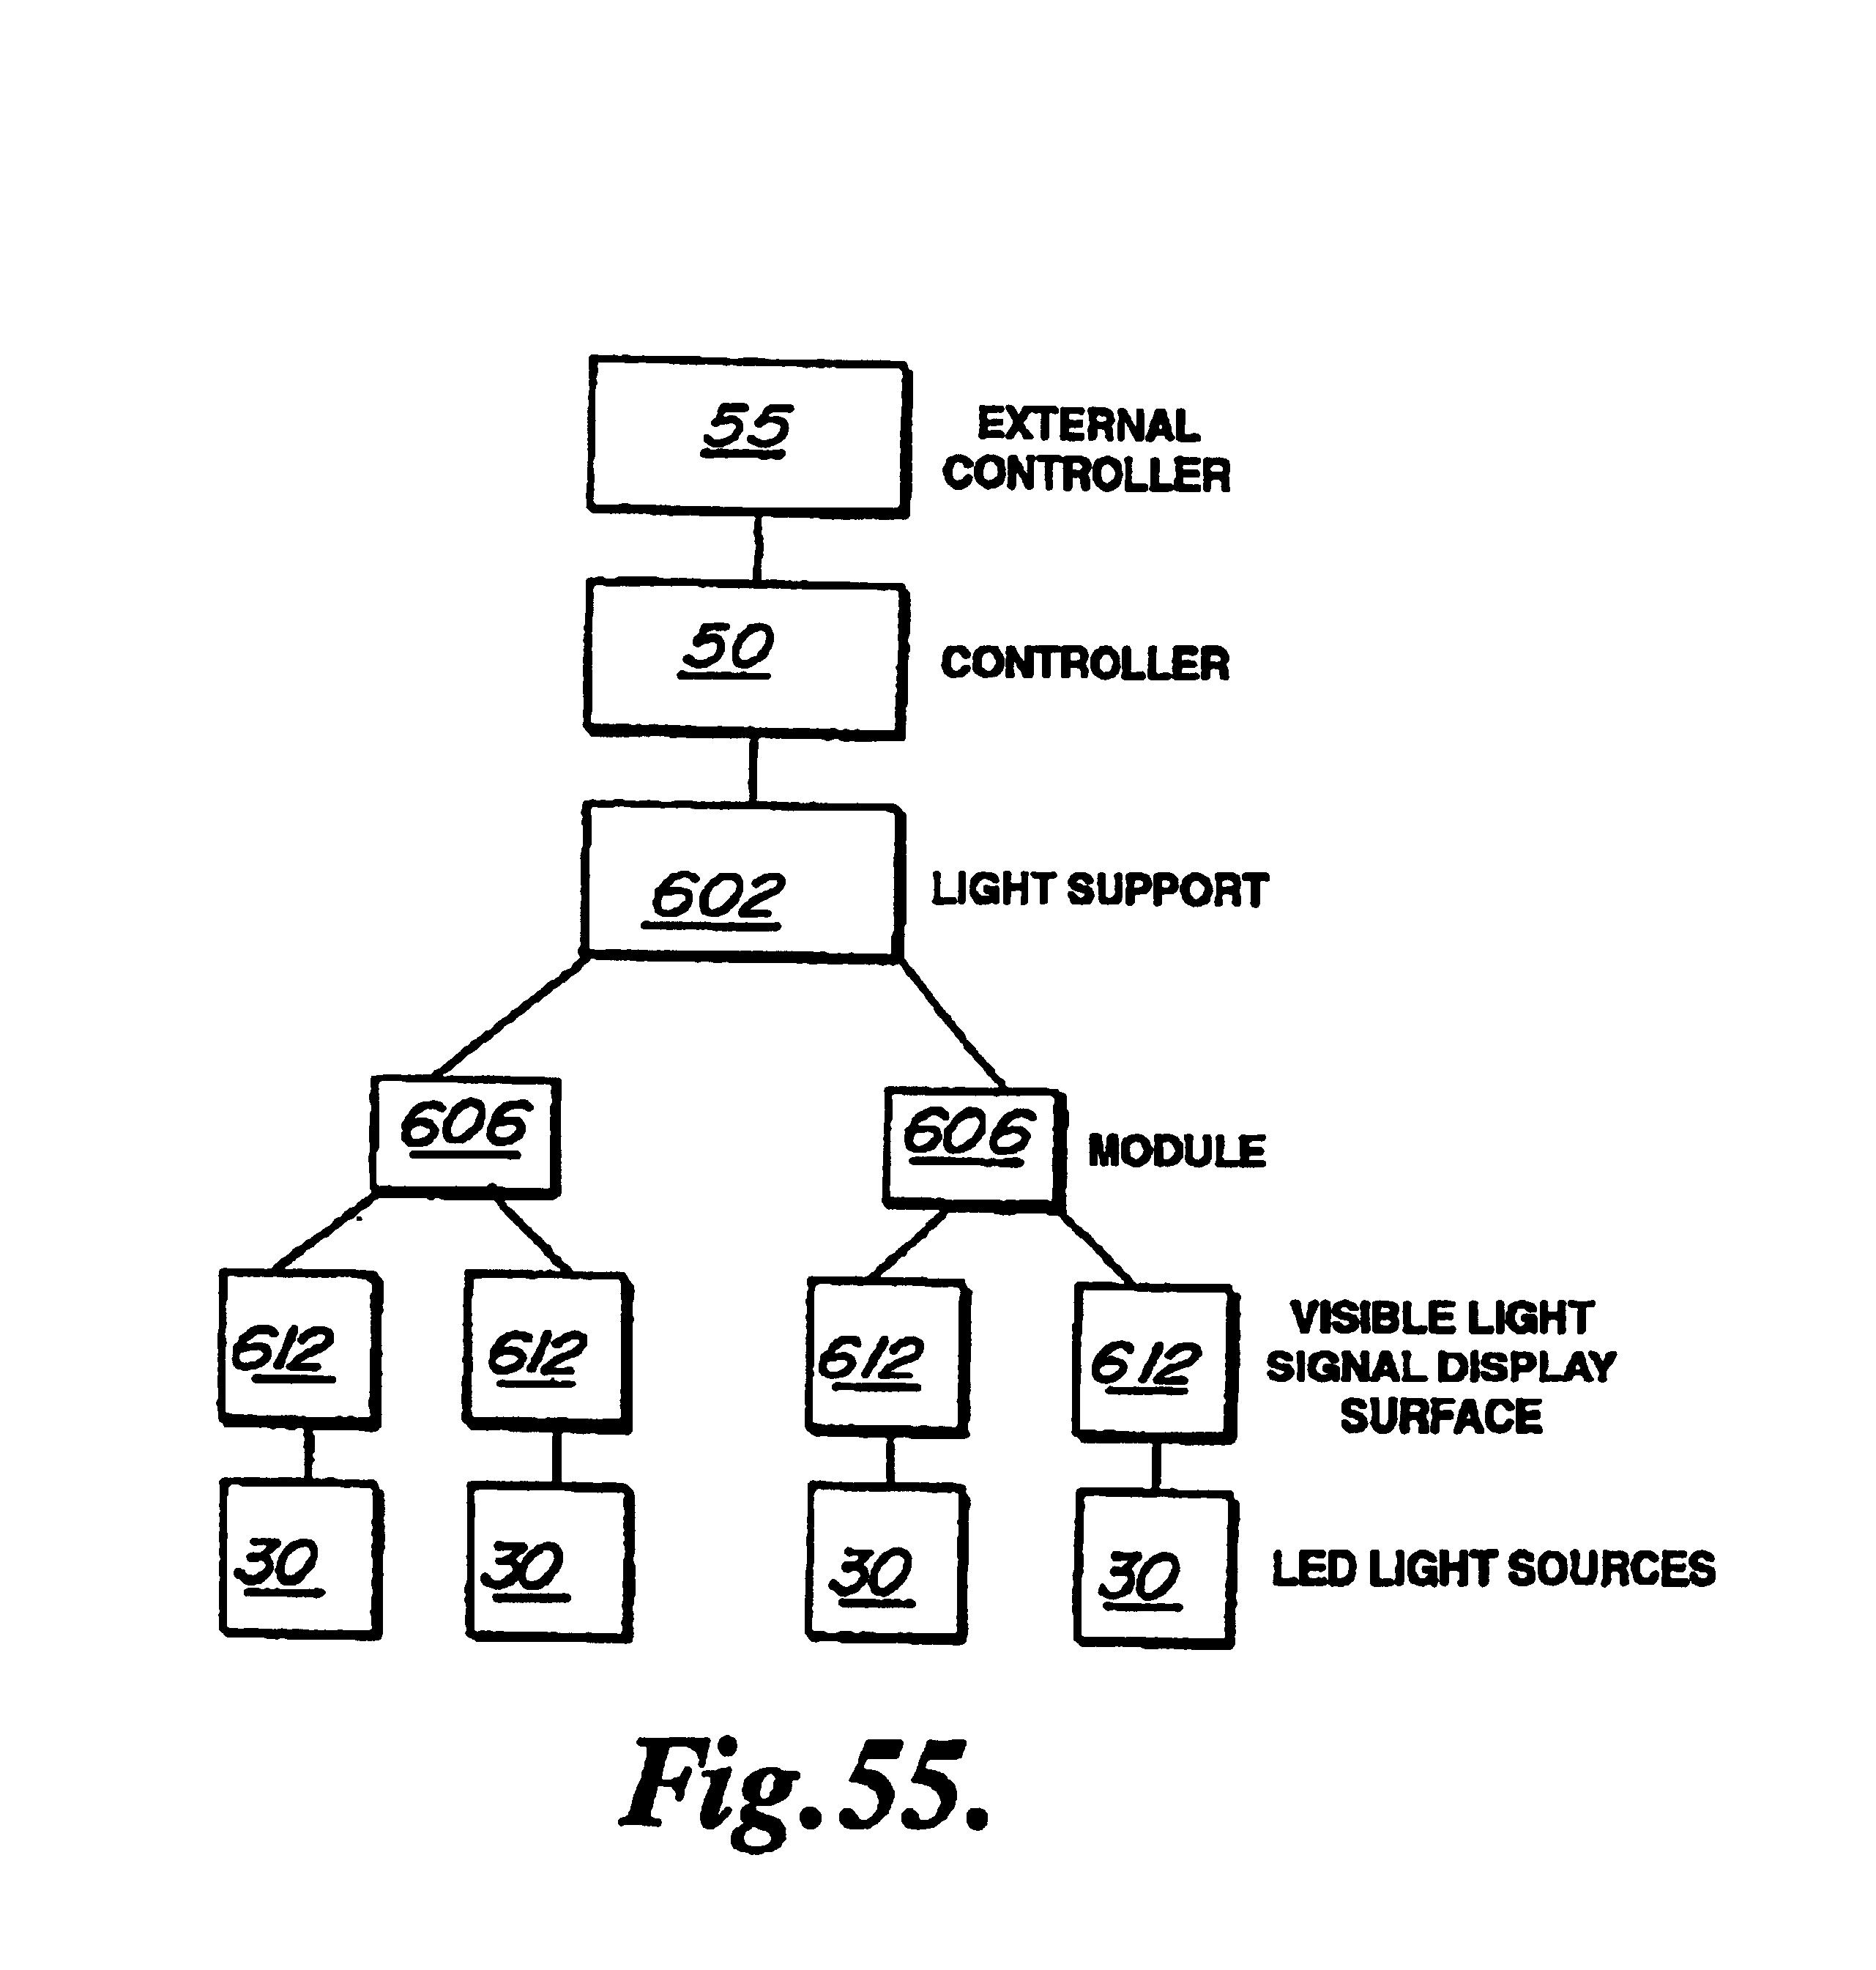 Tech Polaris Rzr Light Bar Wiring Diagram Guide And 2013 Ranger 900 Whelen Switch Get Free Image Brake